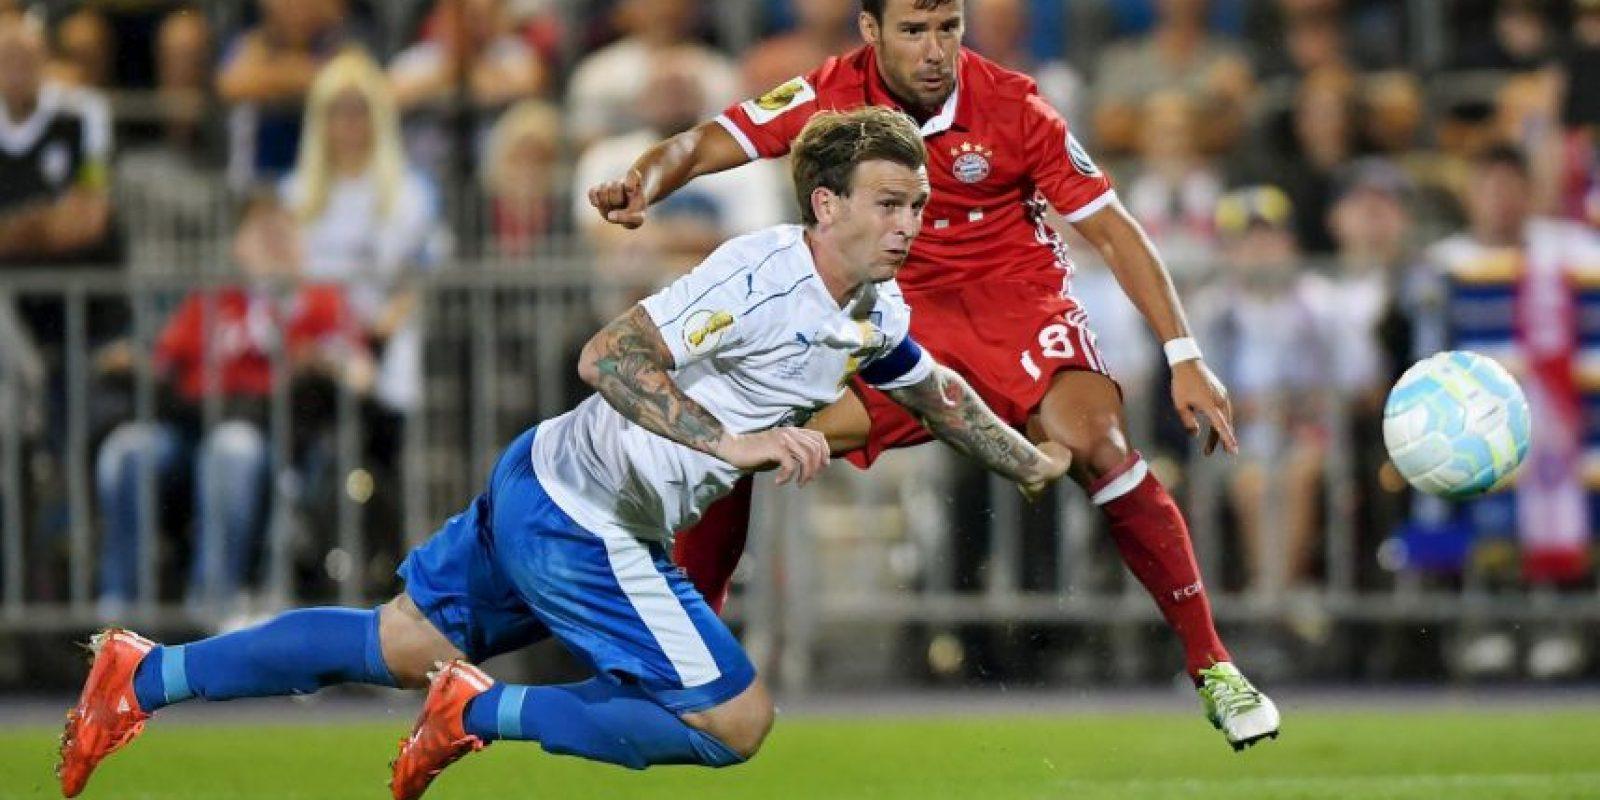 Ingresó en el segundo tiempo y se despachó una asistencia en la victoria del Bayern Munich por 5 a 0 Foto:Getty Images